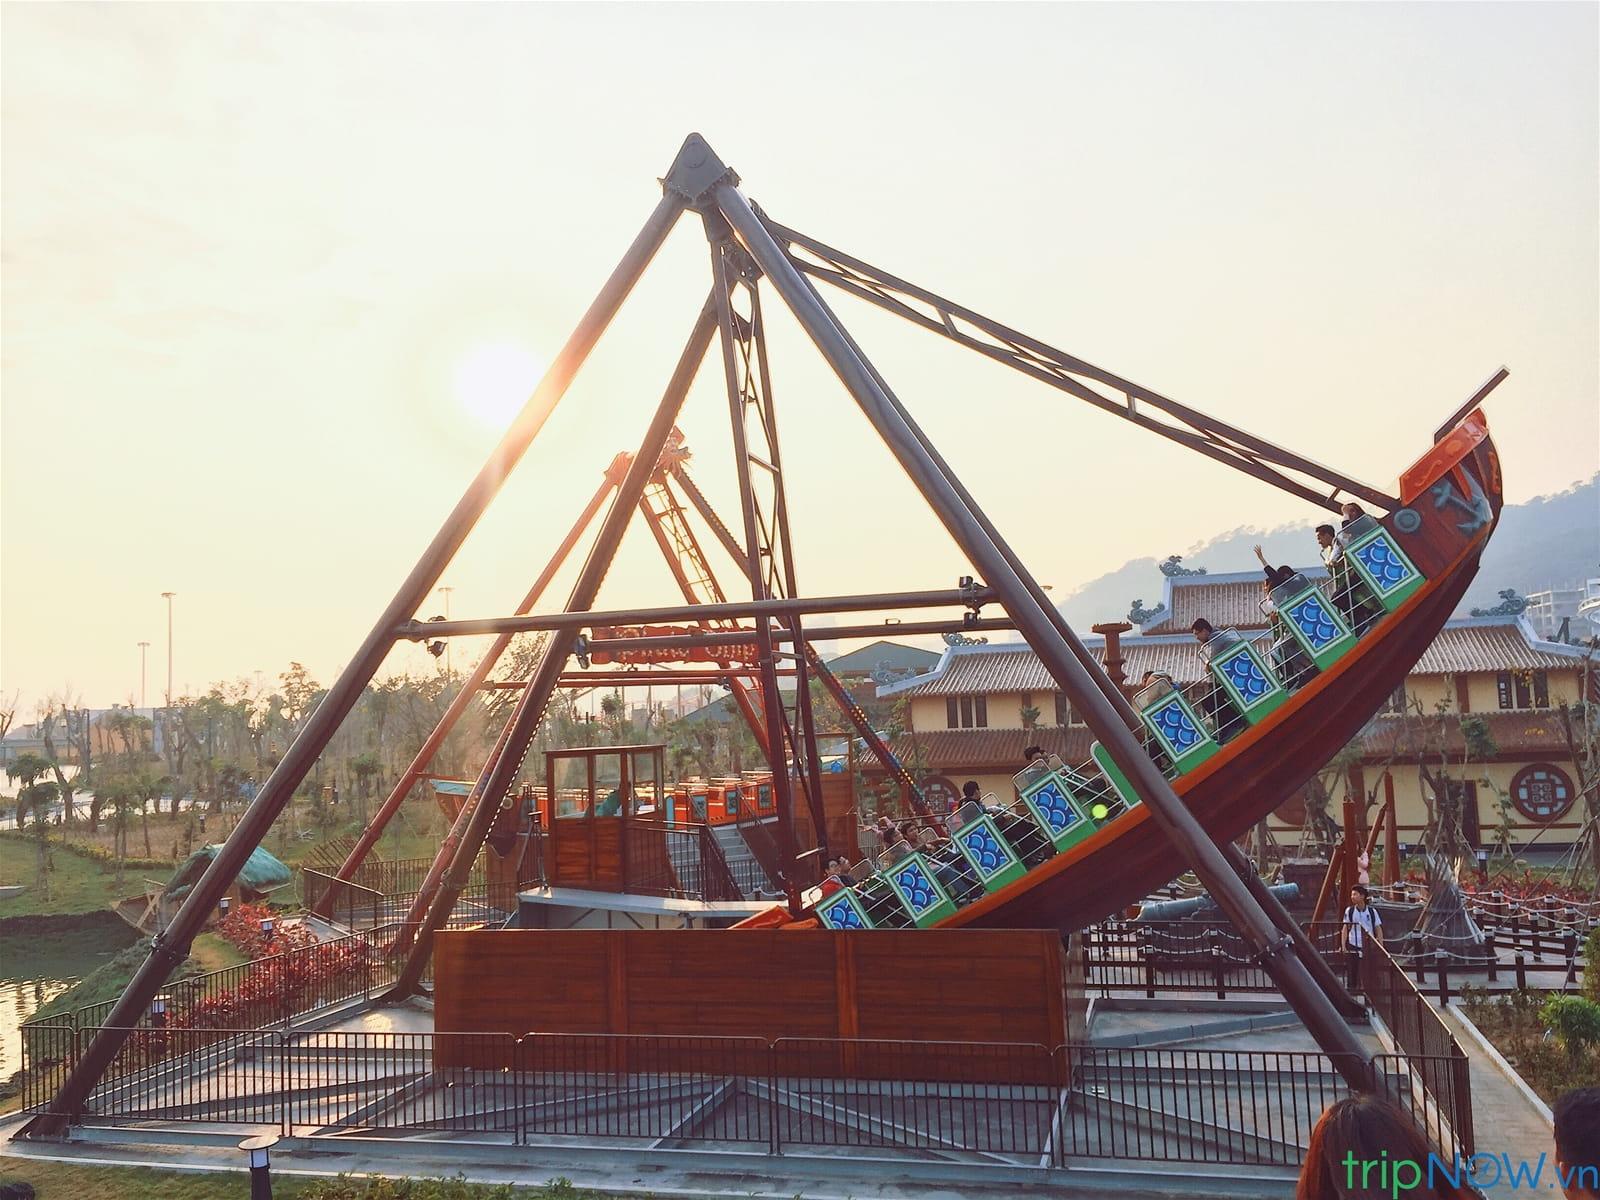 mo-xe-gan-30-tro-choi-noi-nhu-con-o-dragon-park-ha-long-14